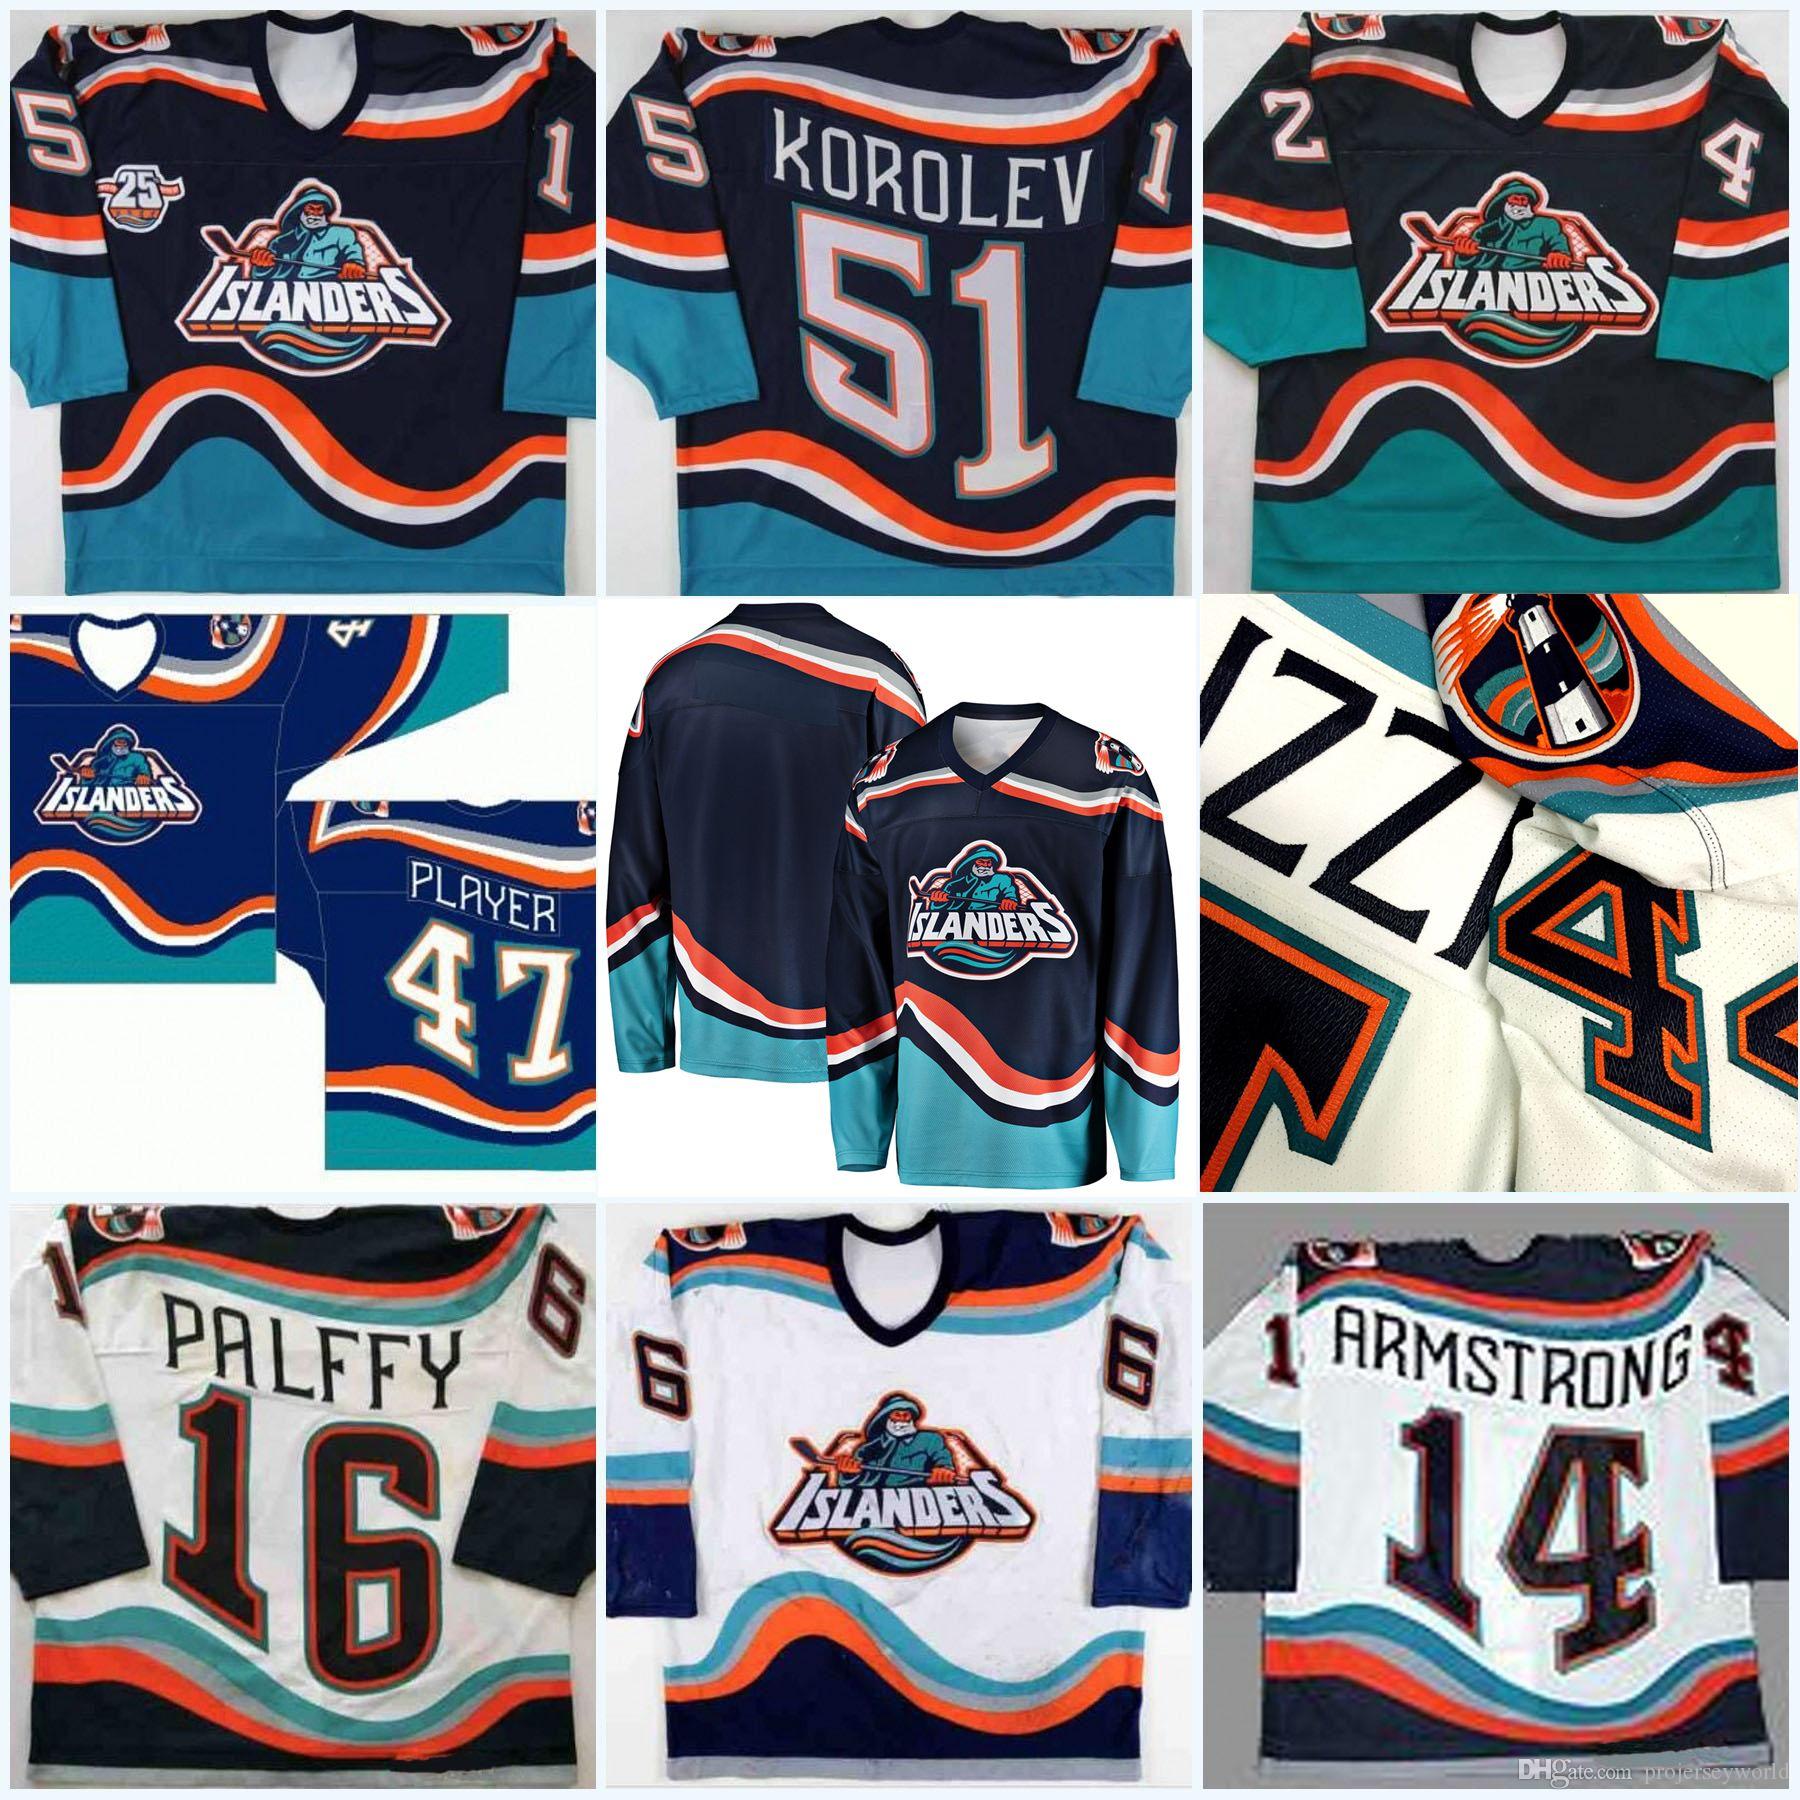 Özel New York Islanders balıkçı Herhangi İsim Numara 16 Ziggy Palffy 11 Darius Kasparaitis 14 Armstrong 44 Bertuzzi 34 Berard Hokeyi Jersey